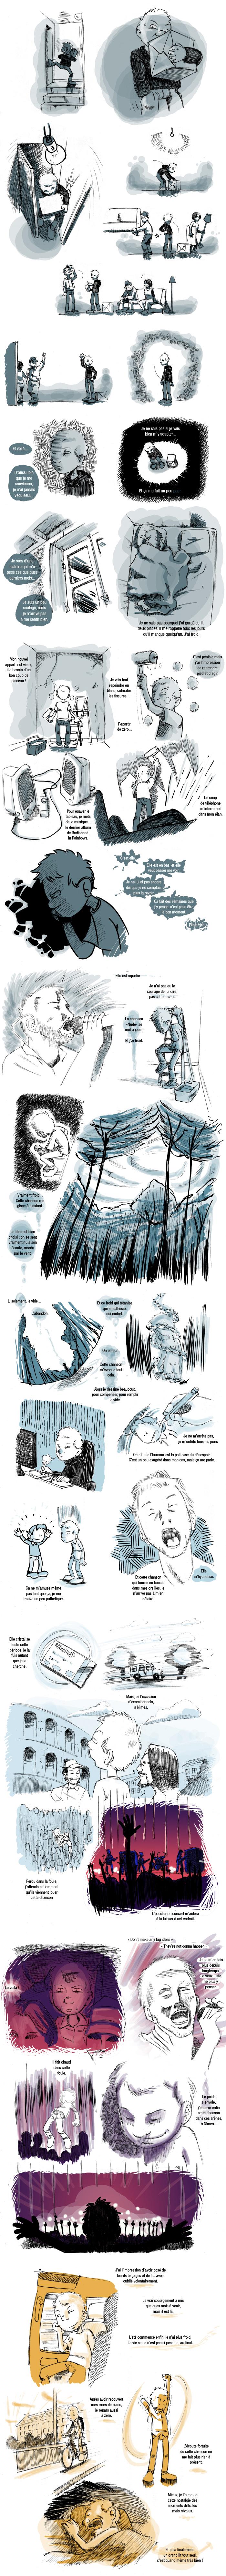 Hors-série #11